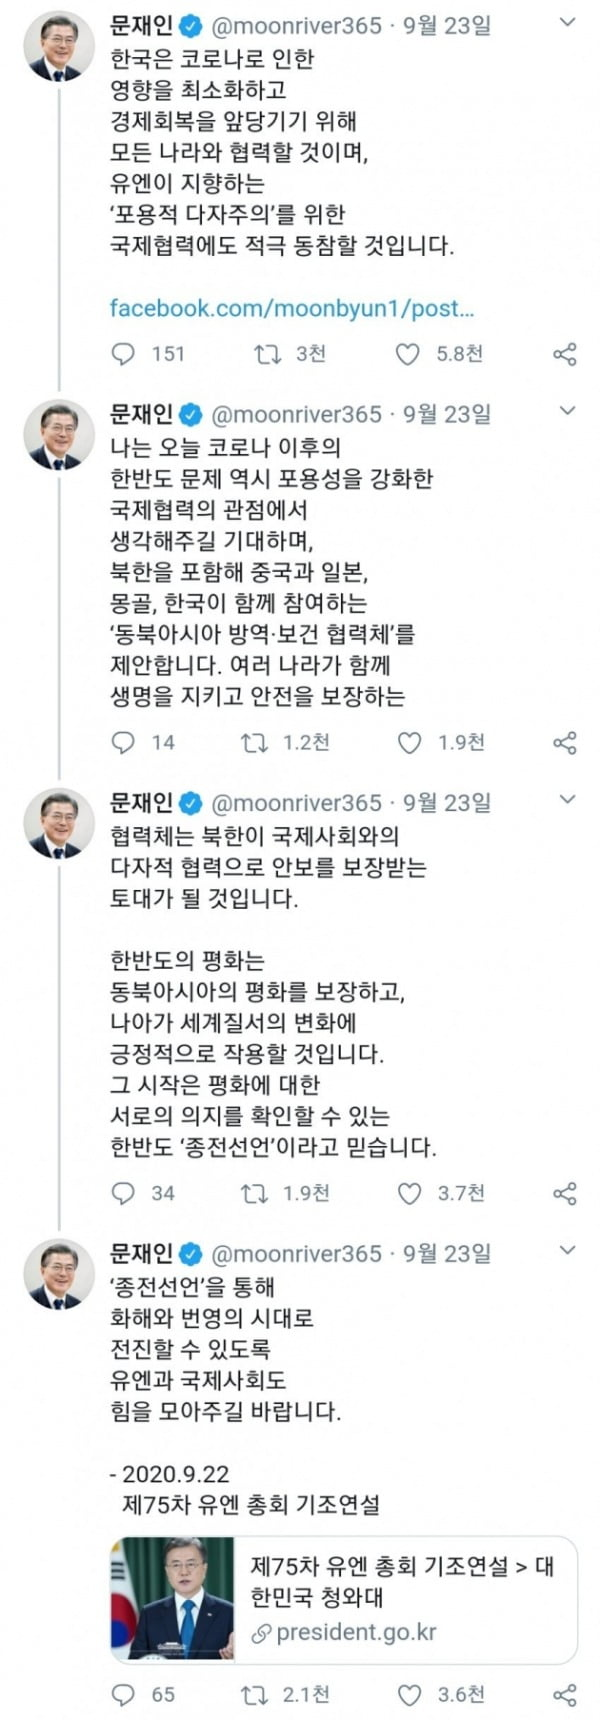 해양수산부 소속 어업지도공무원이 북한군에 의해 사살되고 시신이 불태워진 소식이 알려진 가운데 문재인 대통령이 지난 23일 관련 사실을 보고 받고도 북한과의 협력을 강조한 트위터를 올렸던 것으로 나타났다. /사진=문재인 대통령 트위터 갈무리